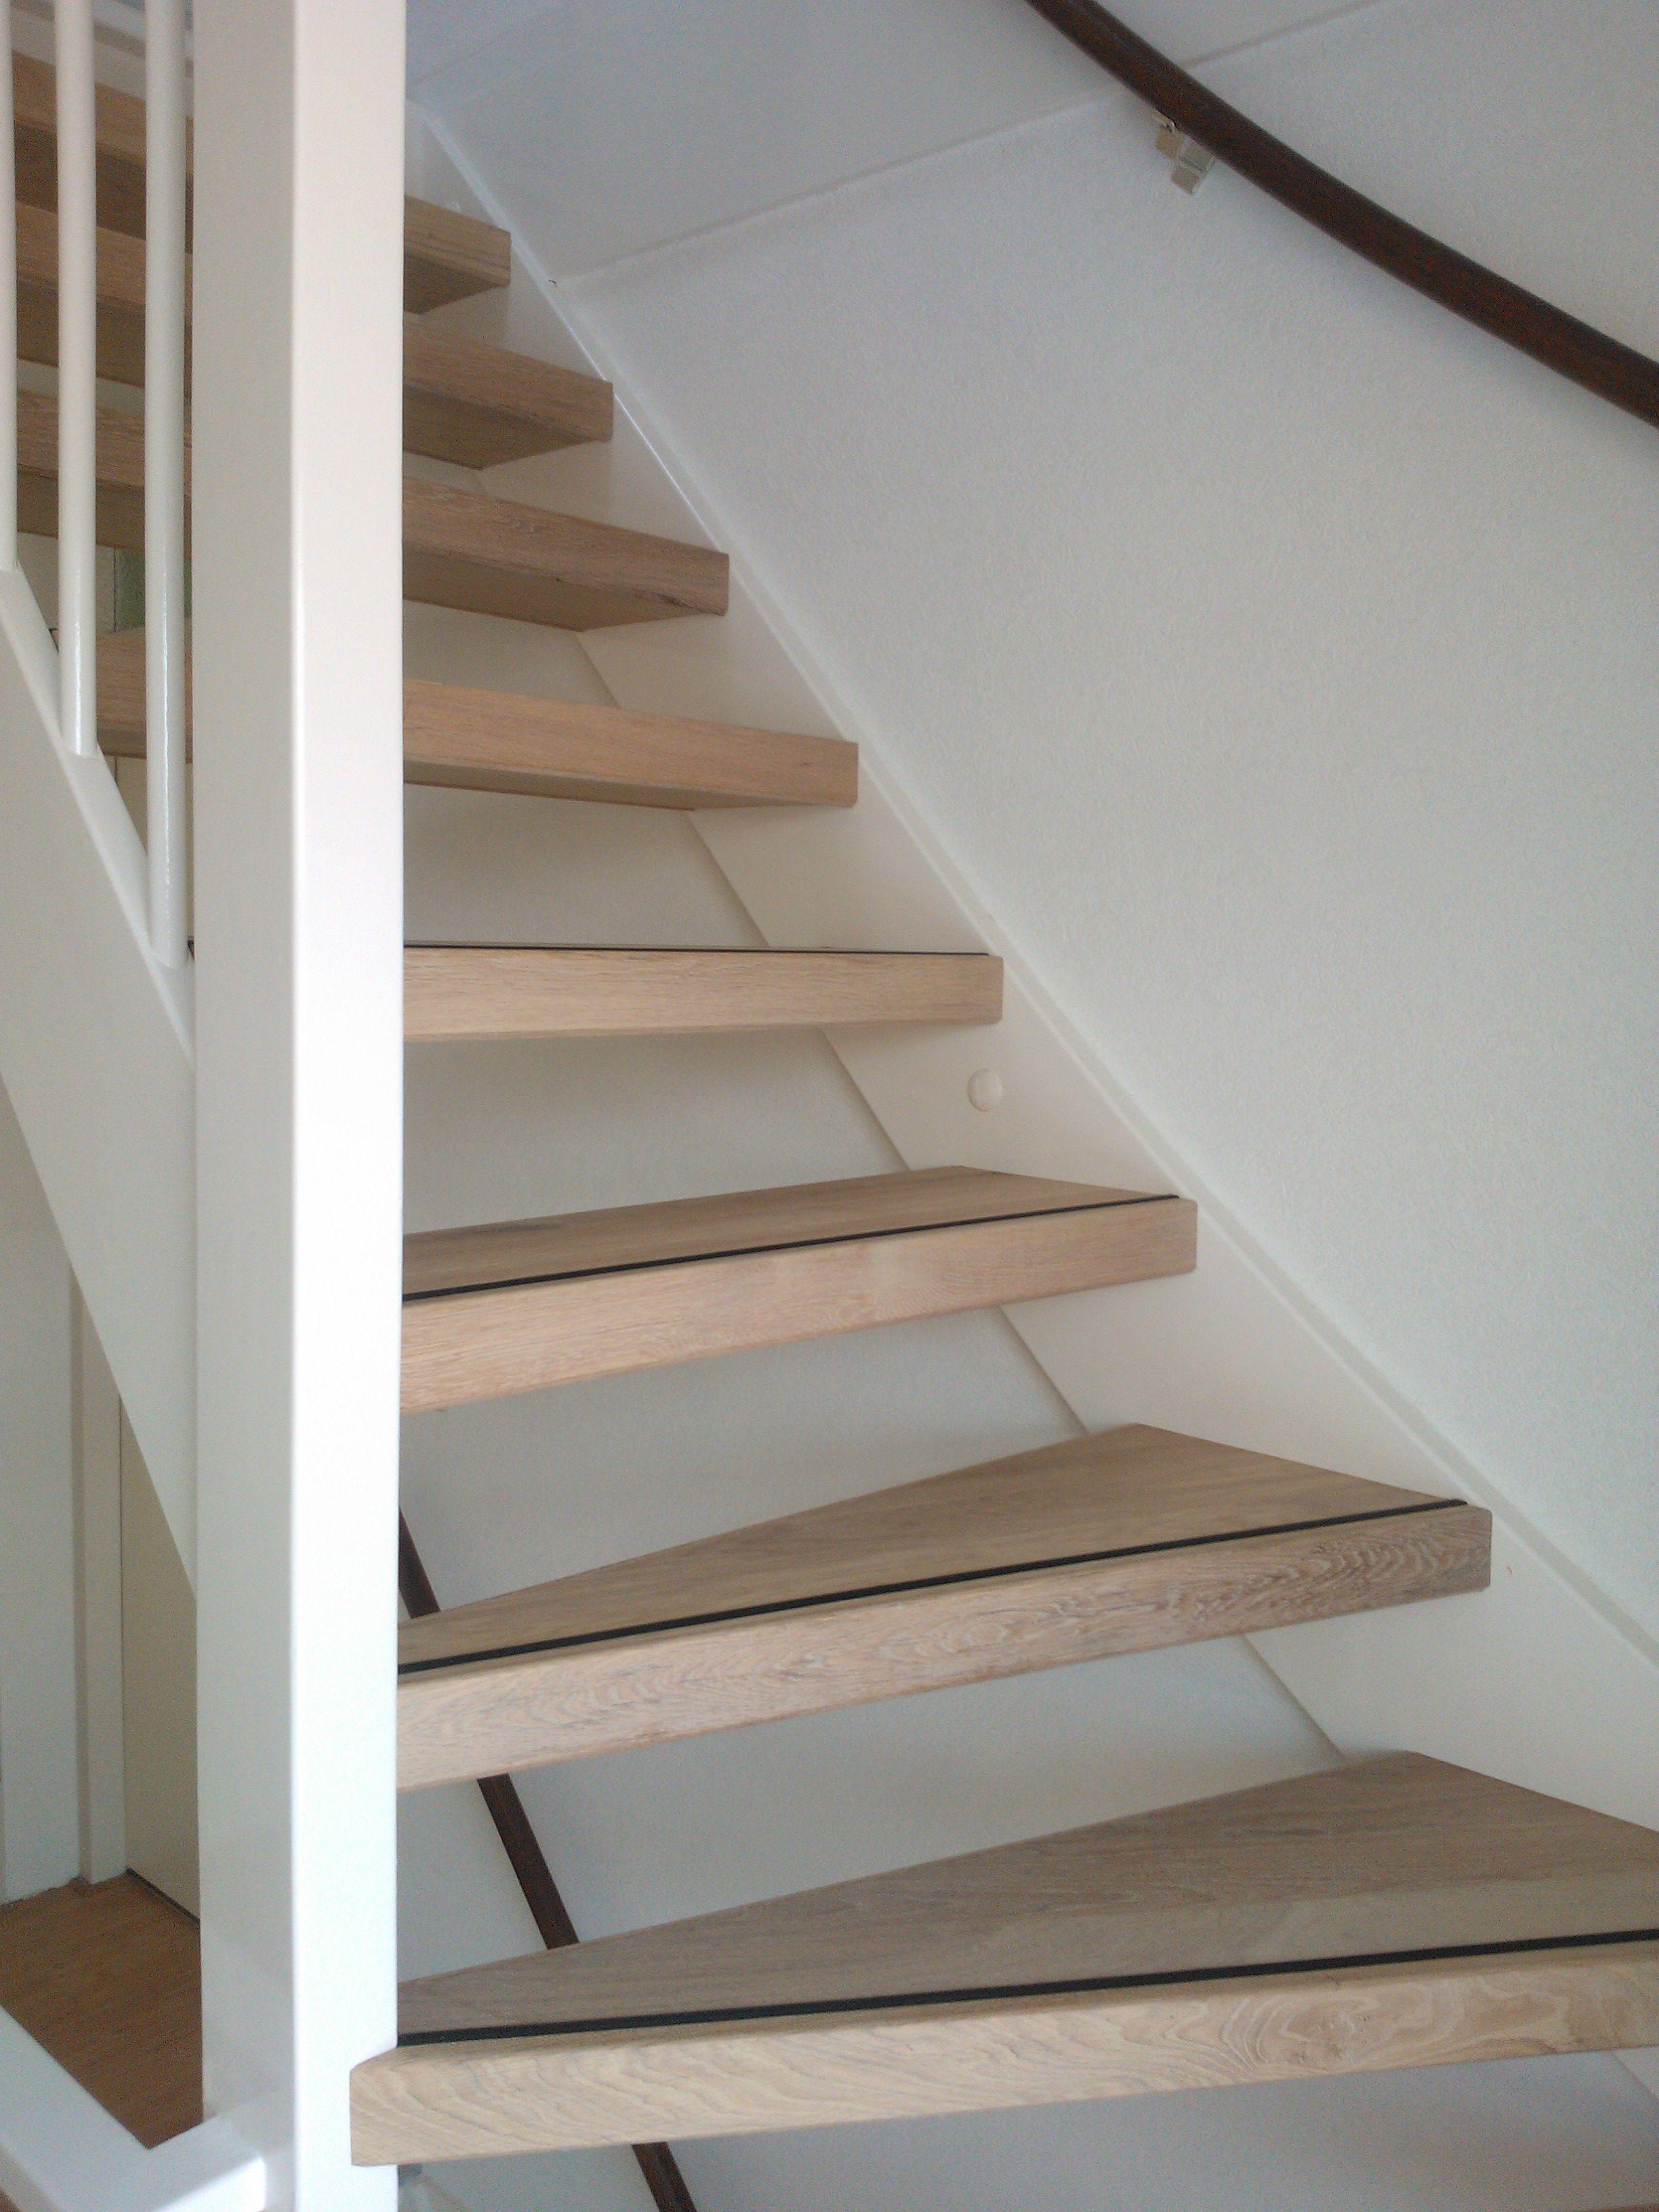 Fabulous open trap bekleden met vinyl - Google zoeken | Stairways  KQ96